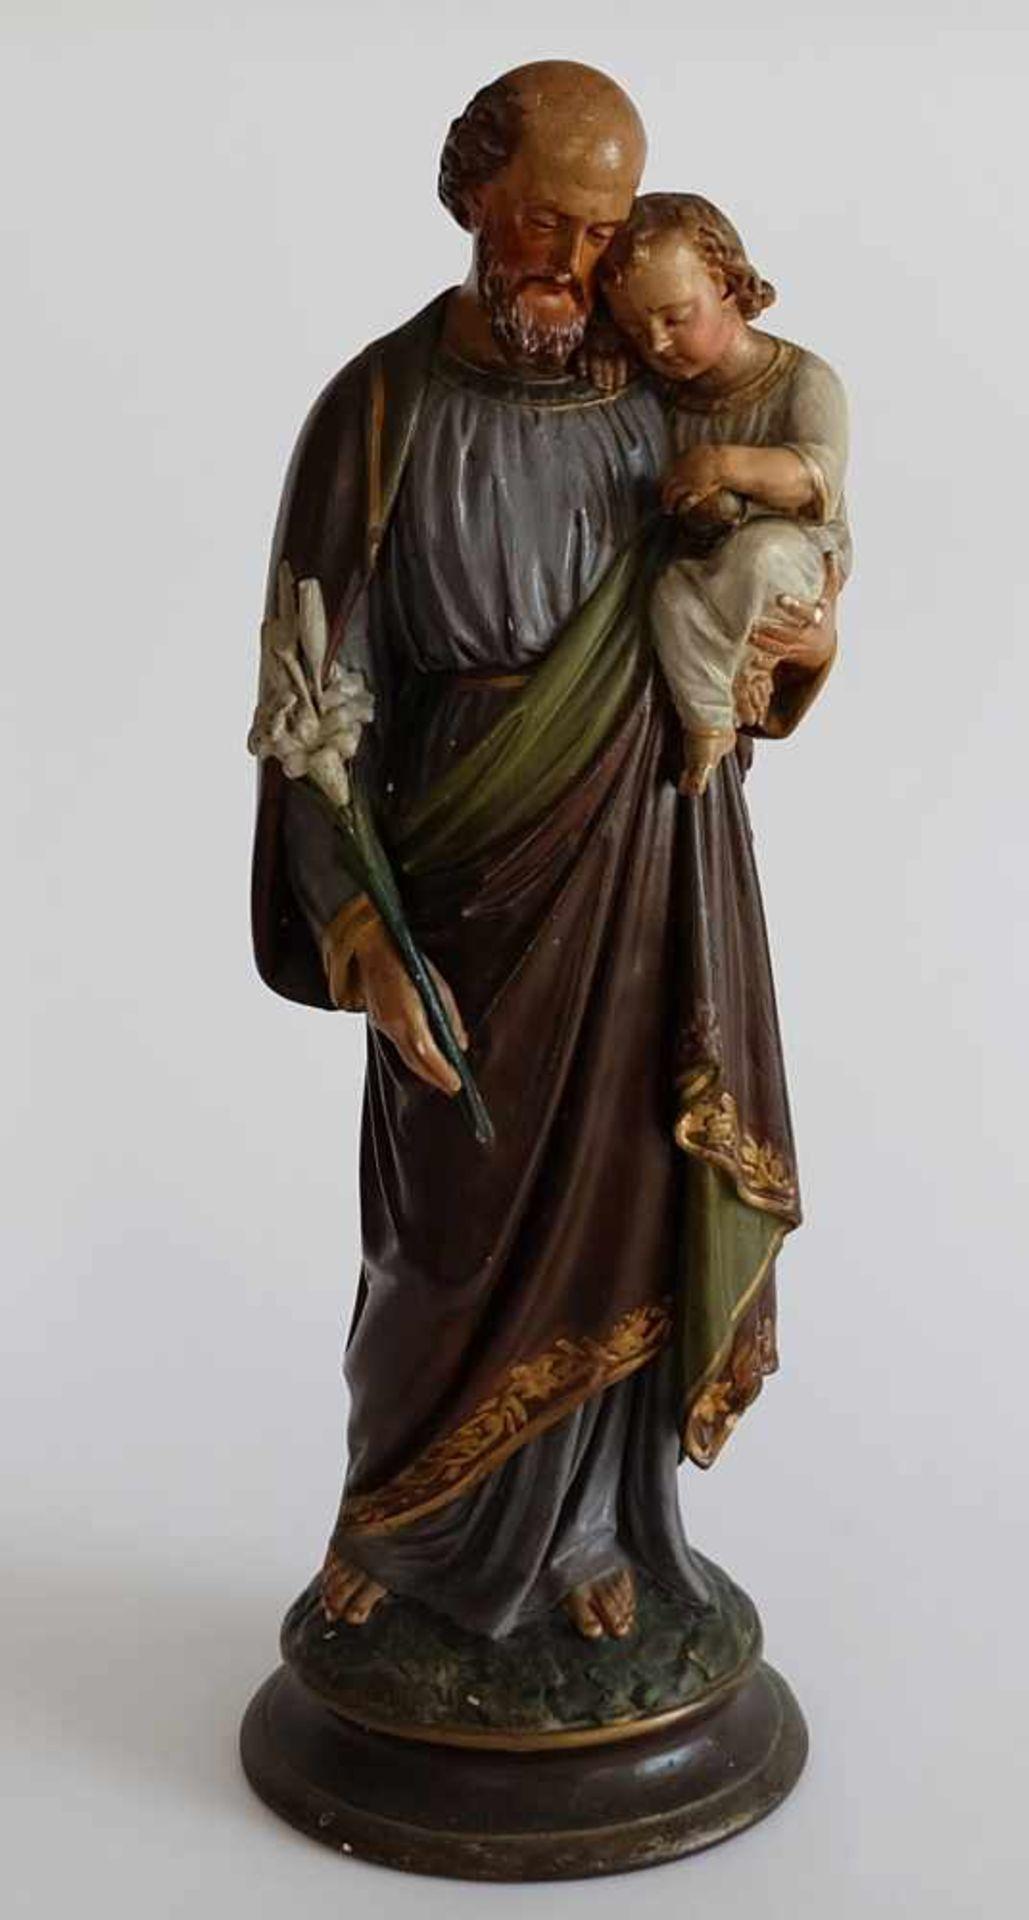 GRUPPE, Heiliger Josef mit Jesuskind Deutsch, um 1900, Gips, polychrom gefasst, teilweise berieben